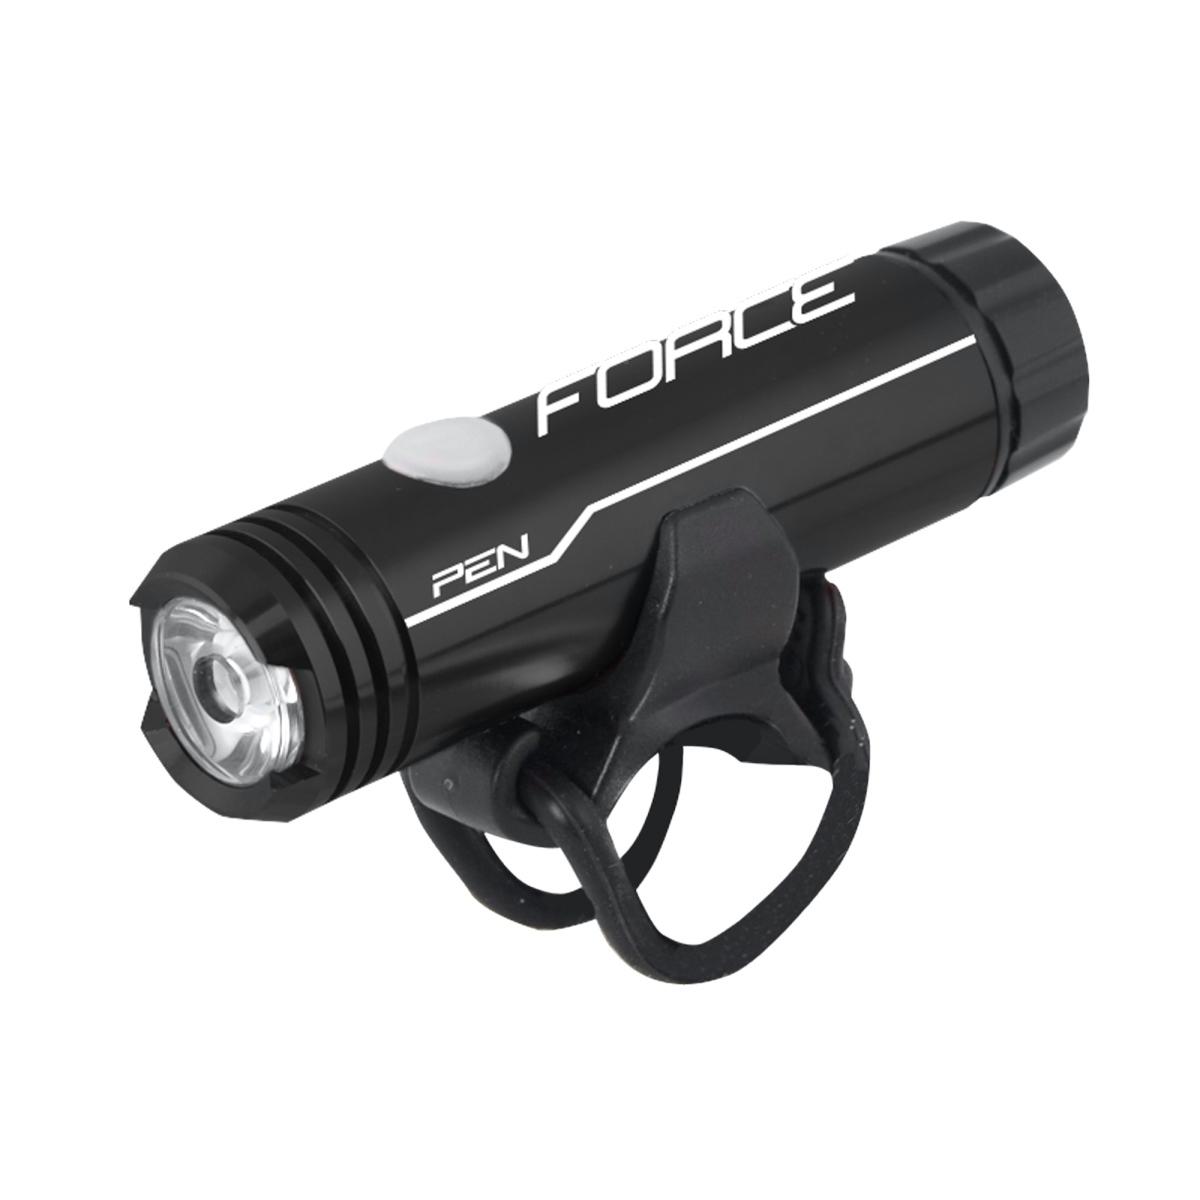 Force světlo přední Pen 200LM 1Led dioda Usbčerné